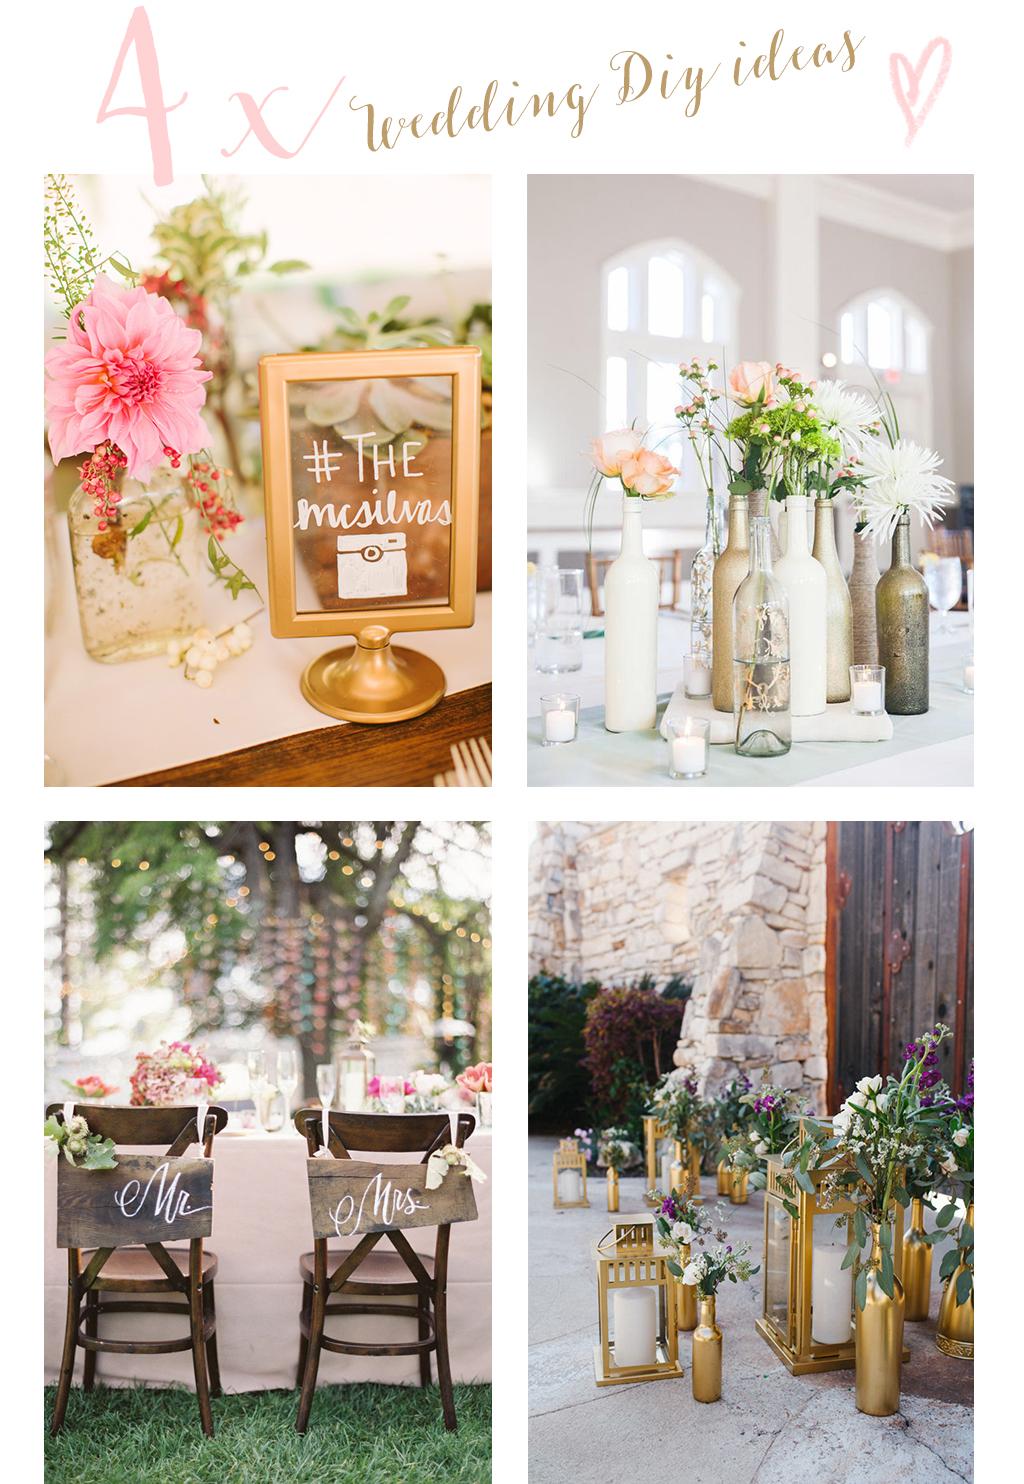 wedding diy ideas